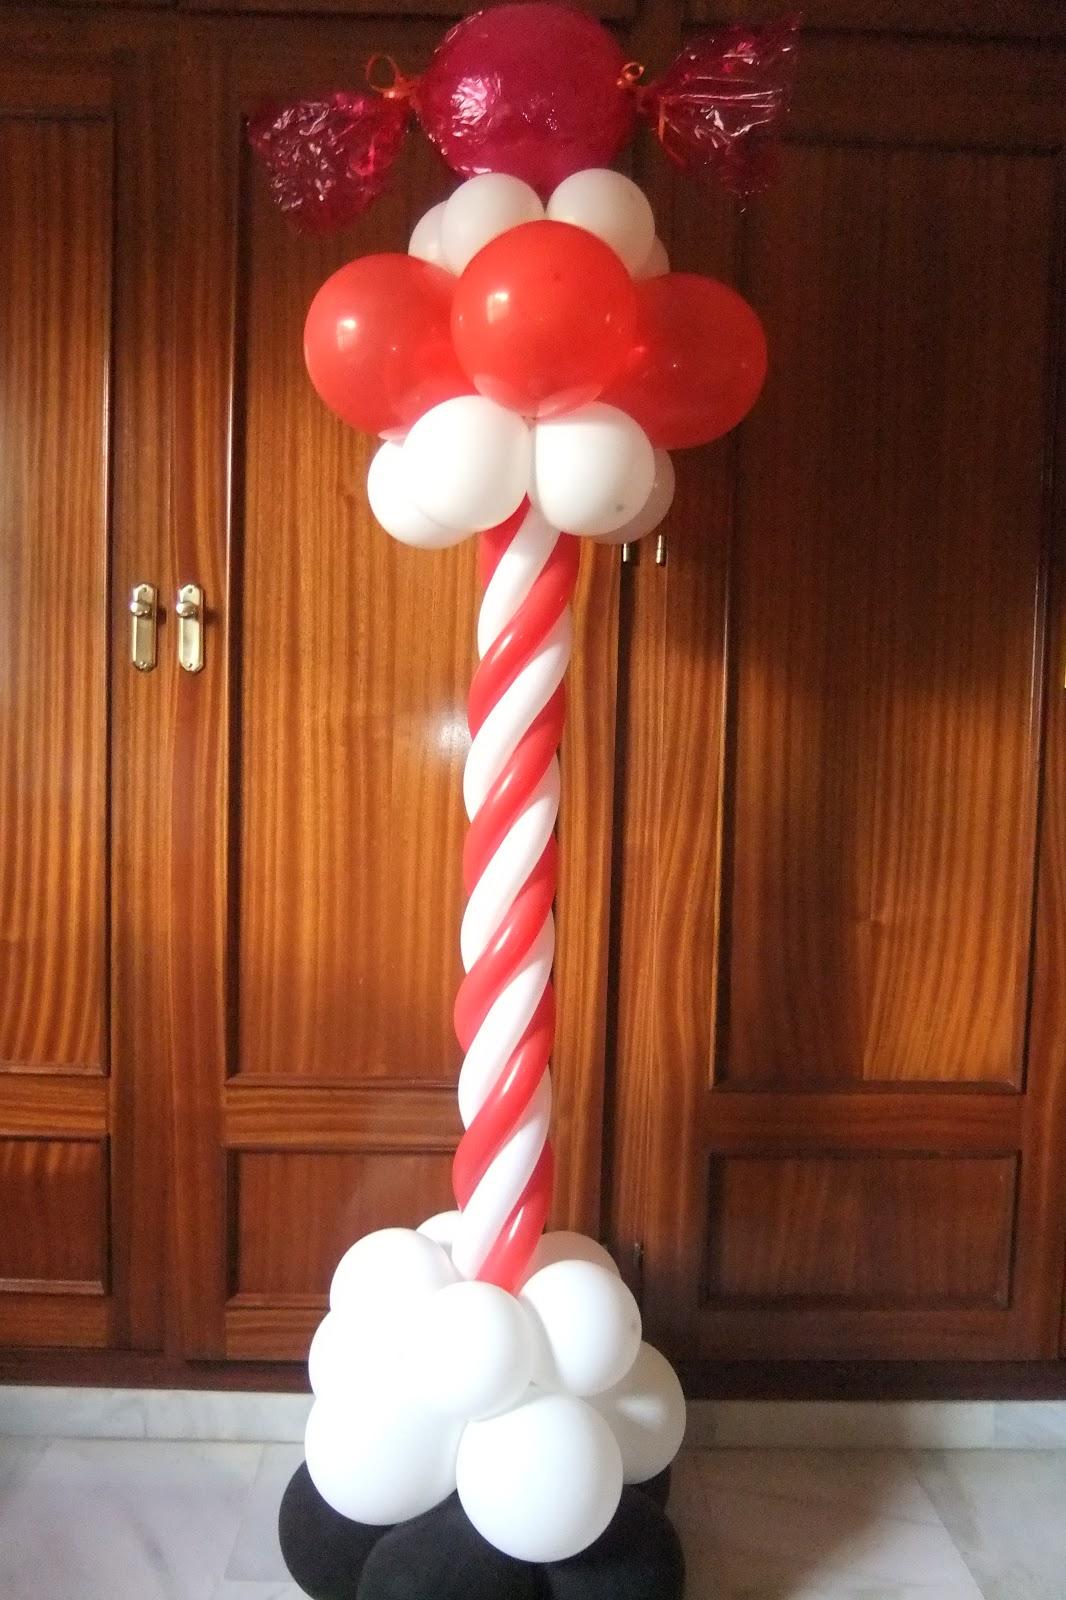 Imagenes d adornos con globos imagui - Decoracion de navidad con globos ...